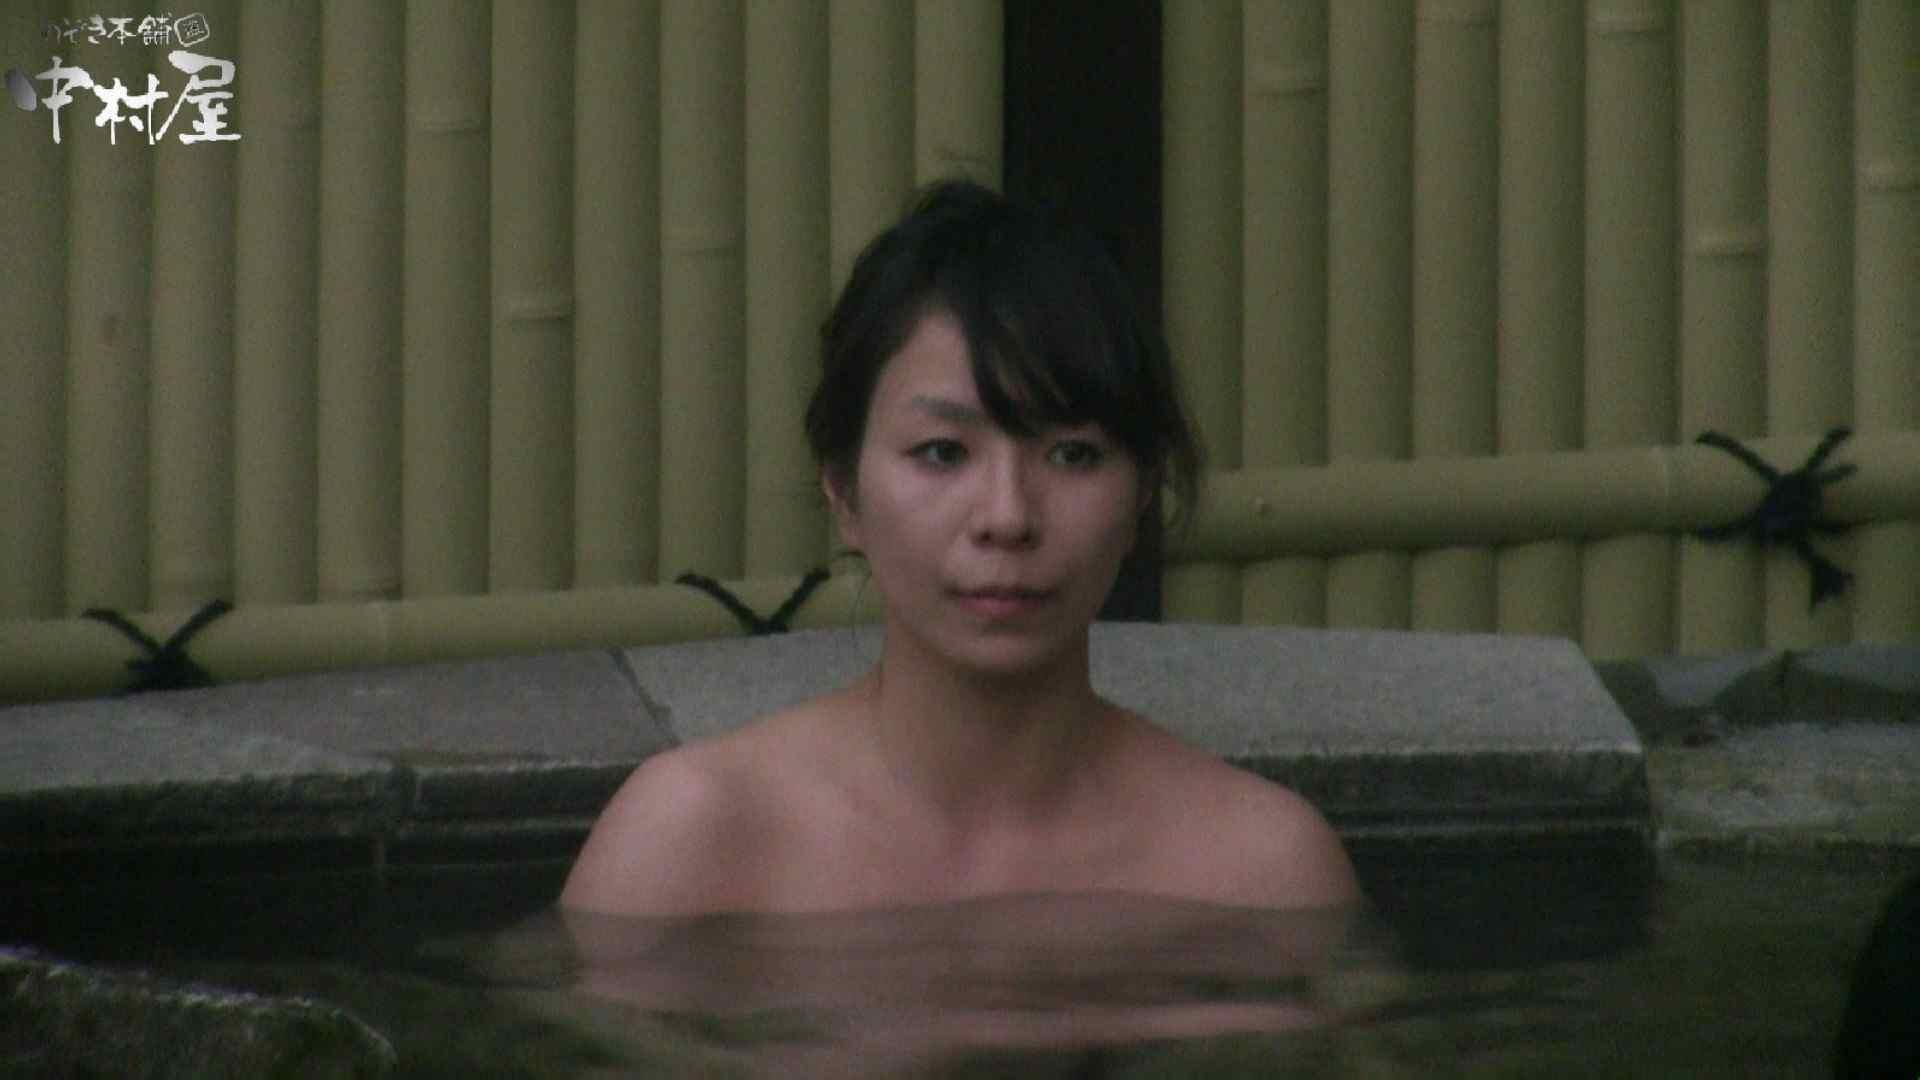 Aquaな露天風呂Vol.930 OL  66pic 23